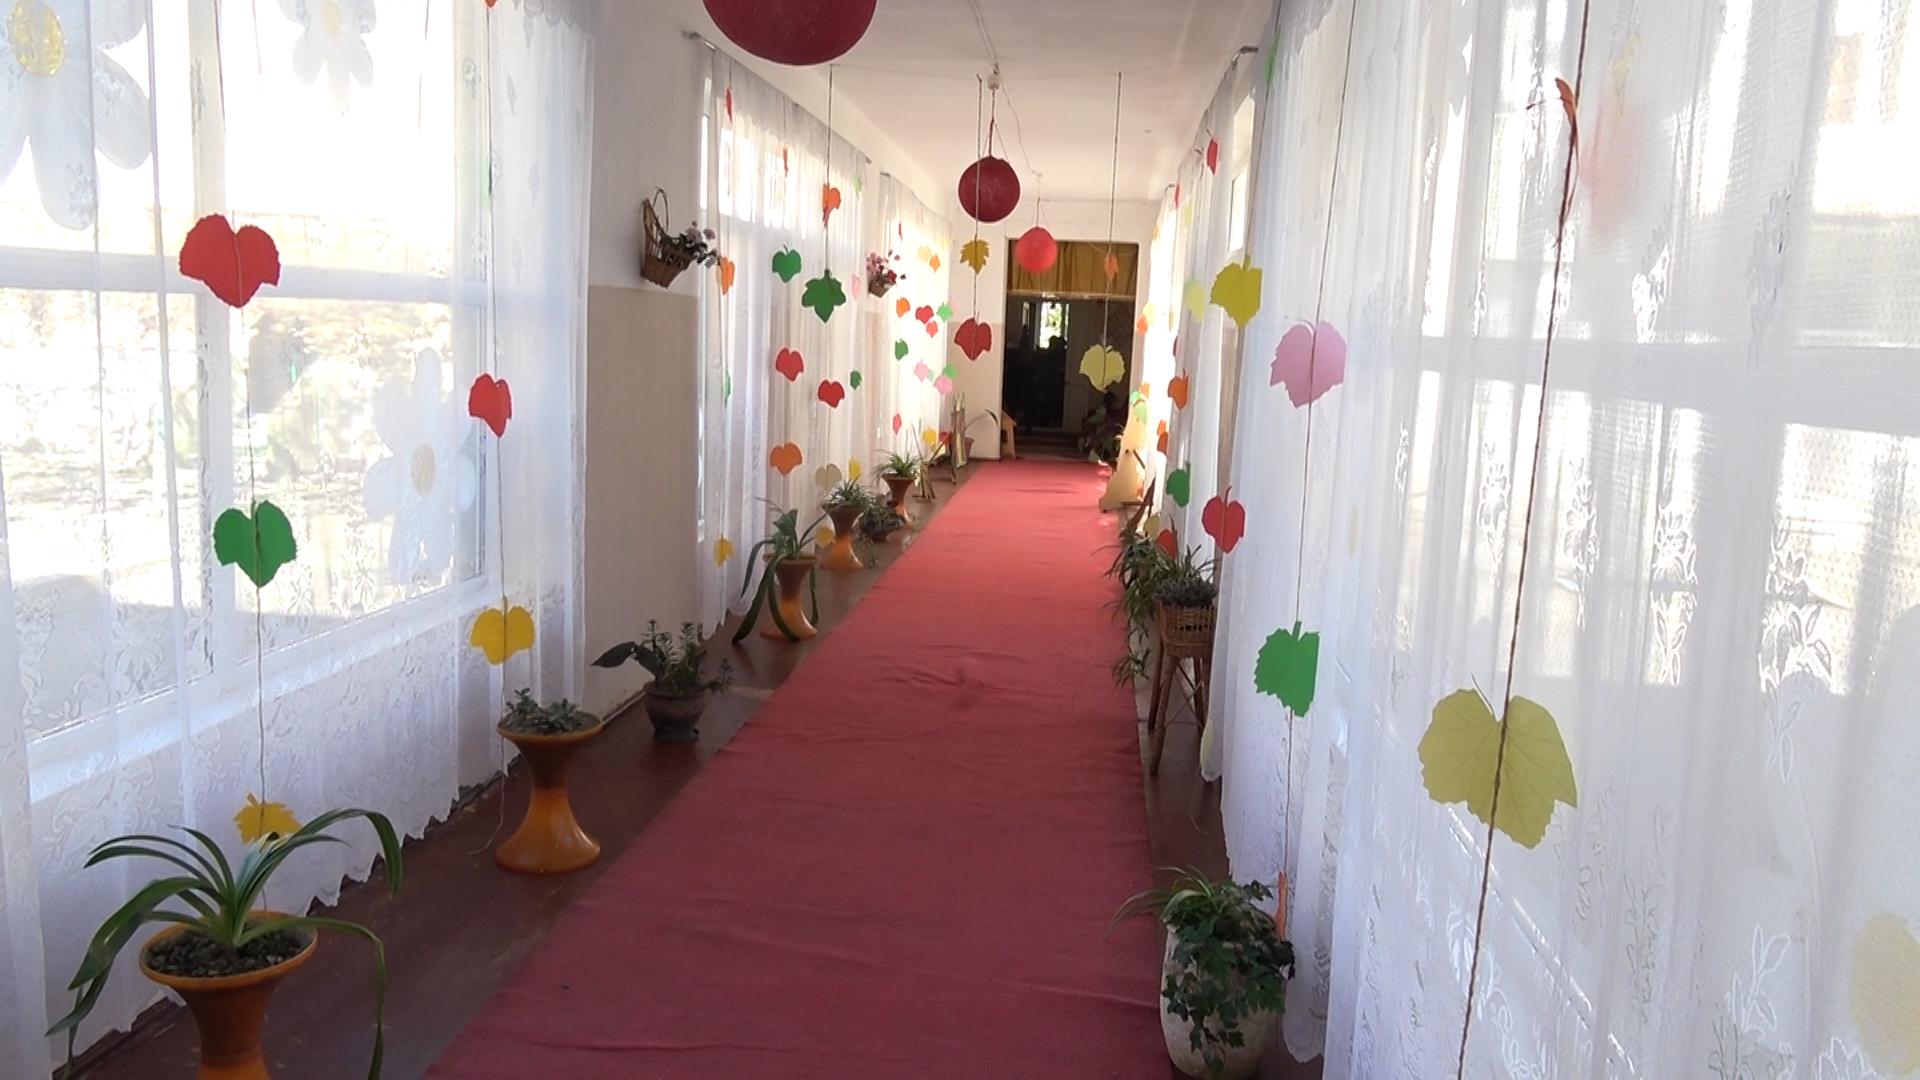 ქუთაისში COVID 19-ის შემთხვევების გამო 15 საბავშვო ბაღი დაიკეტა